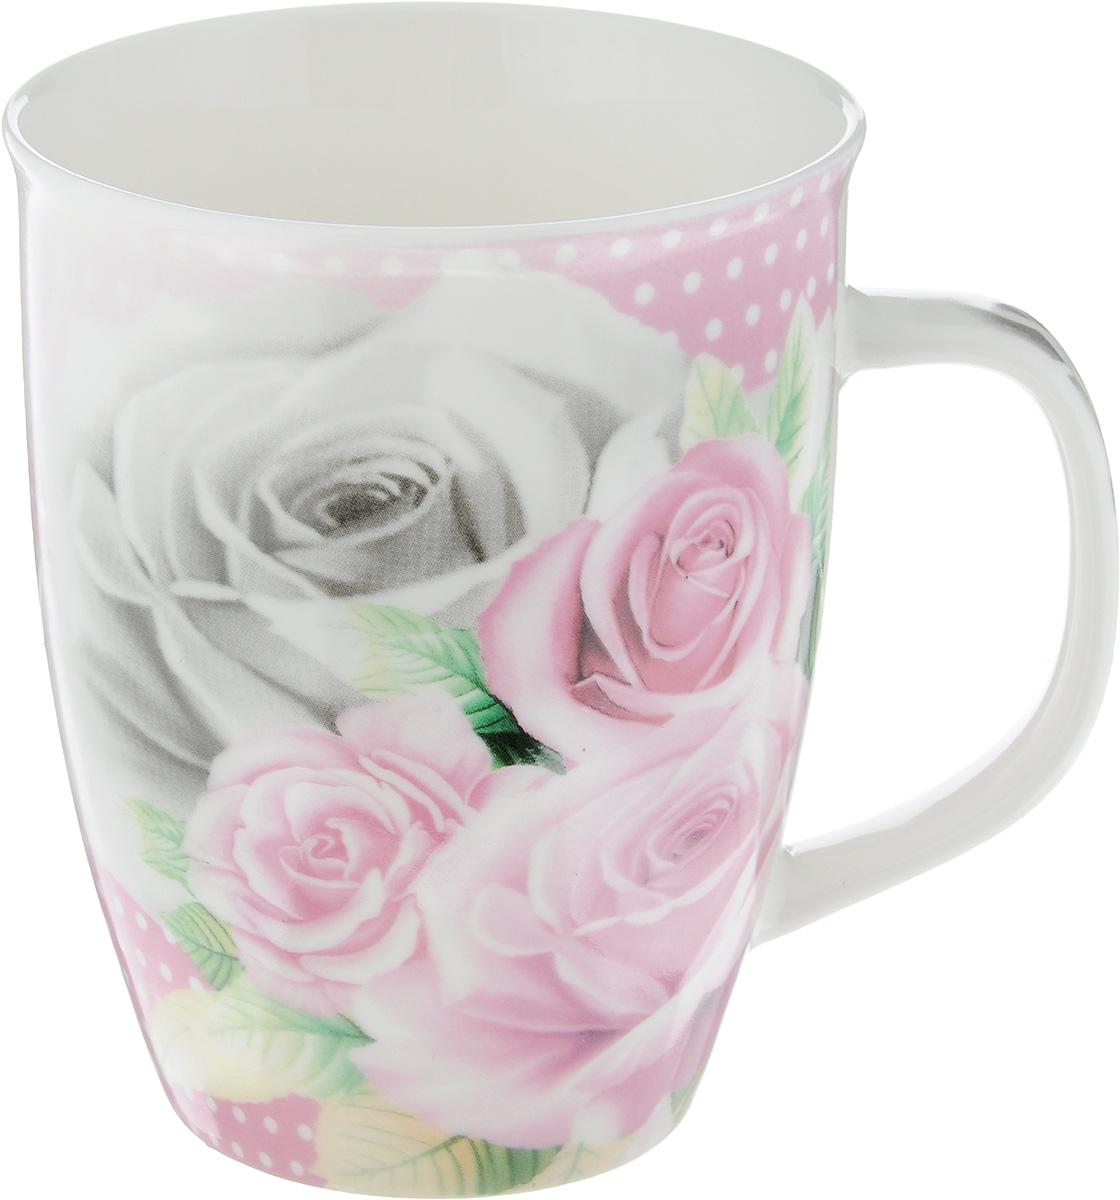 Кружка Loraine Розы, 340 мл25969_розыКружка Loraine Розы изготовлена из прочного качественного костяного фарфора. Изделие оформлено красочным рисунком. Благодаря своим термостатическим свойствам, изделие отлично сохраняет температуру содержимого - морозной зимой кружка будет согревать вас горячим чаем, а знойным летом, напротив, радовать прохладными напитками. Такой аксессуар создаст атмосферу тепла и уюта, настроит на позитивный лад и подарит хорошее настроение с самого утра. Это оригинальное изделие идеально подойдет в подарок близкому человеку. Диаметр (по верхнему краю): 8,5 см. Высота кружки: 10,5 см.